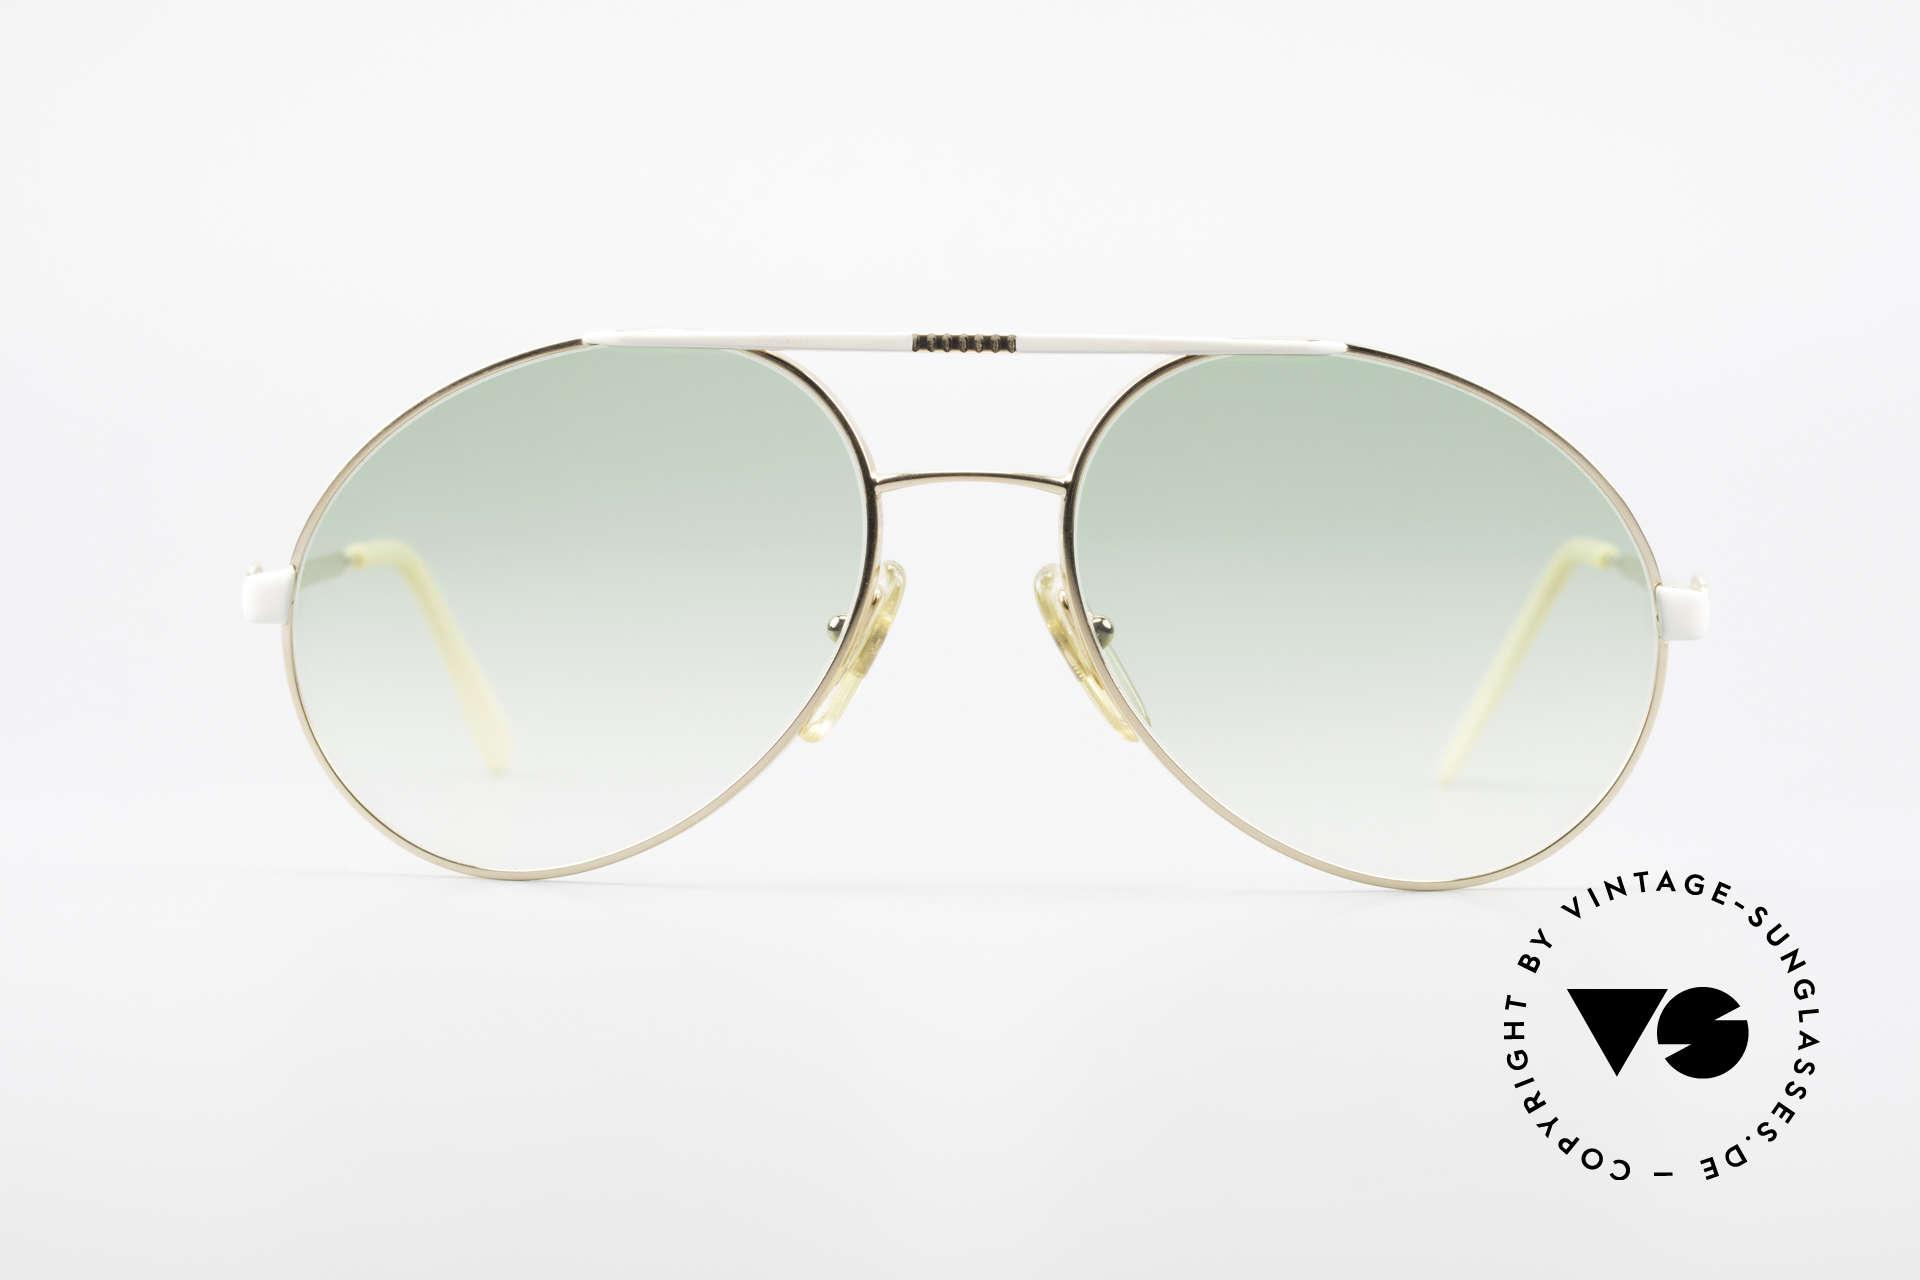 Bugatti 64319 Original 80er Sonnenbrille, höchste Qualität & beste Passform (made in France), Passend für Herren